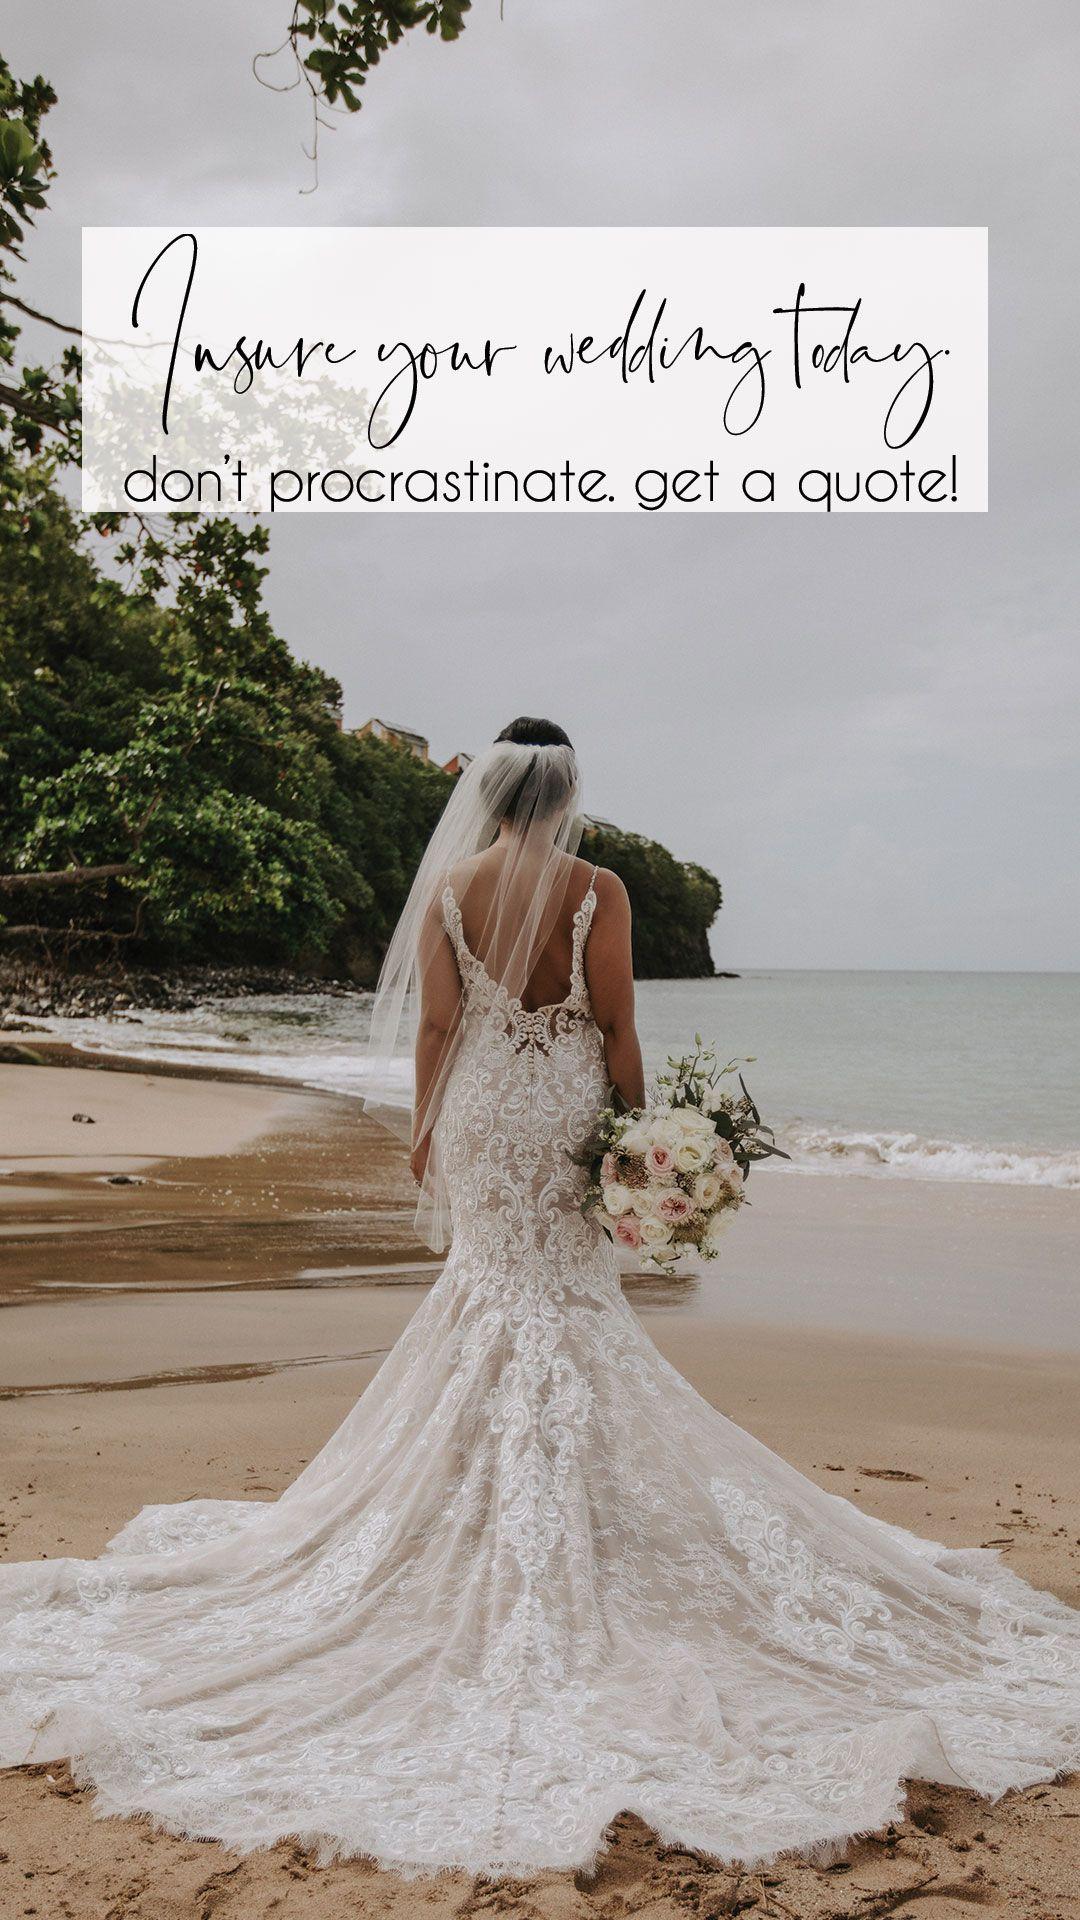 Insure Your Wedding Day Wedding Liability Insurance Is A Must Weddingday Weddingins Beach Wedding Beach Wedding Bridesmaids Destination Wedding Invitations